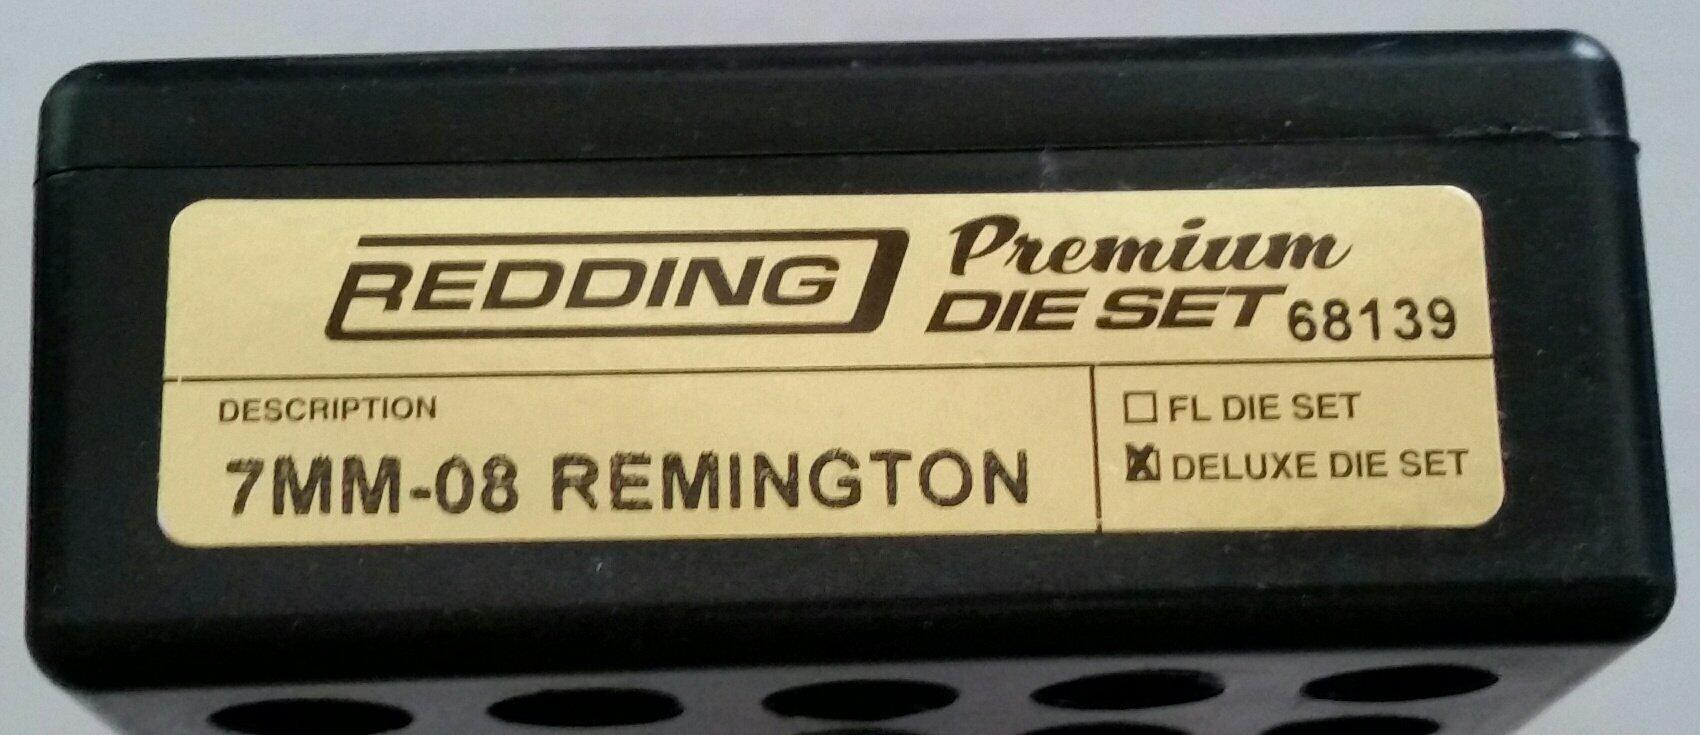 Redding Premium Series Deluxe 3-Die Set 7mm-08 Remington